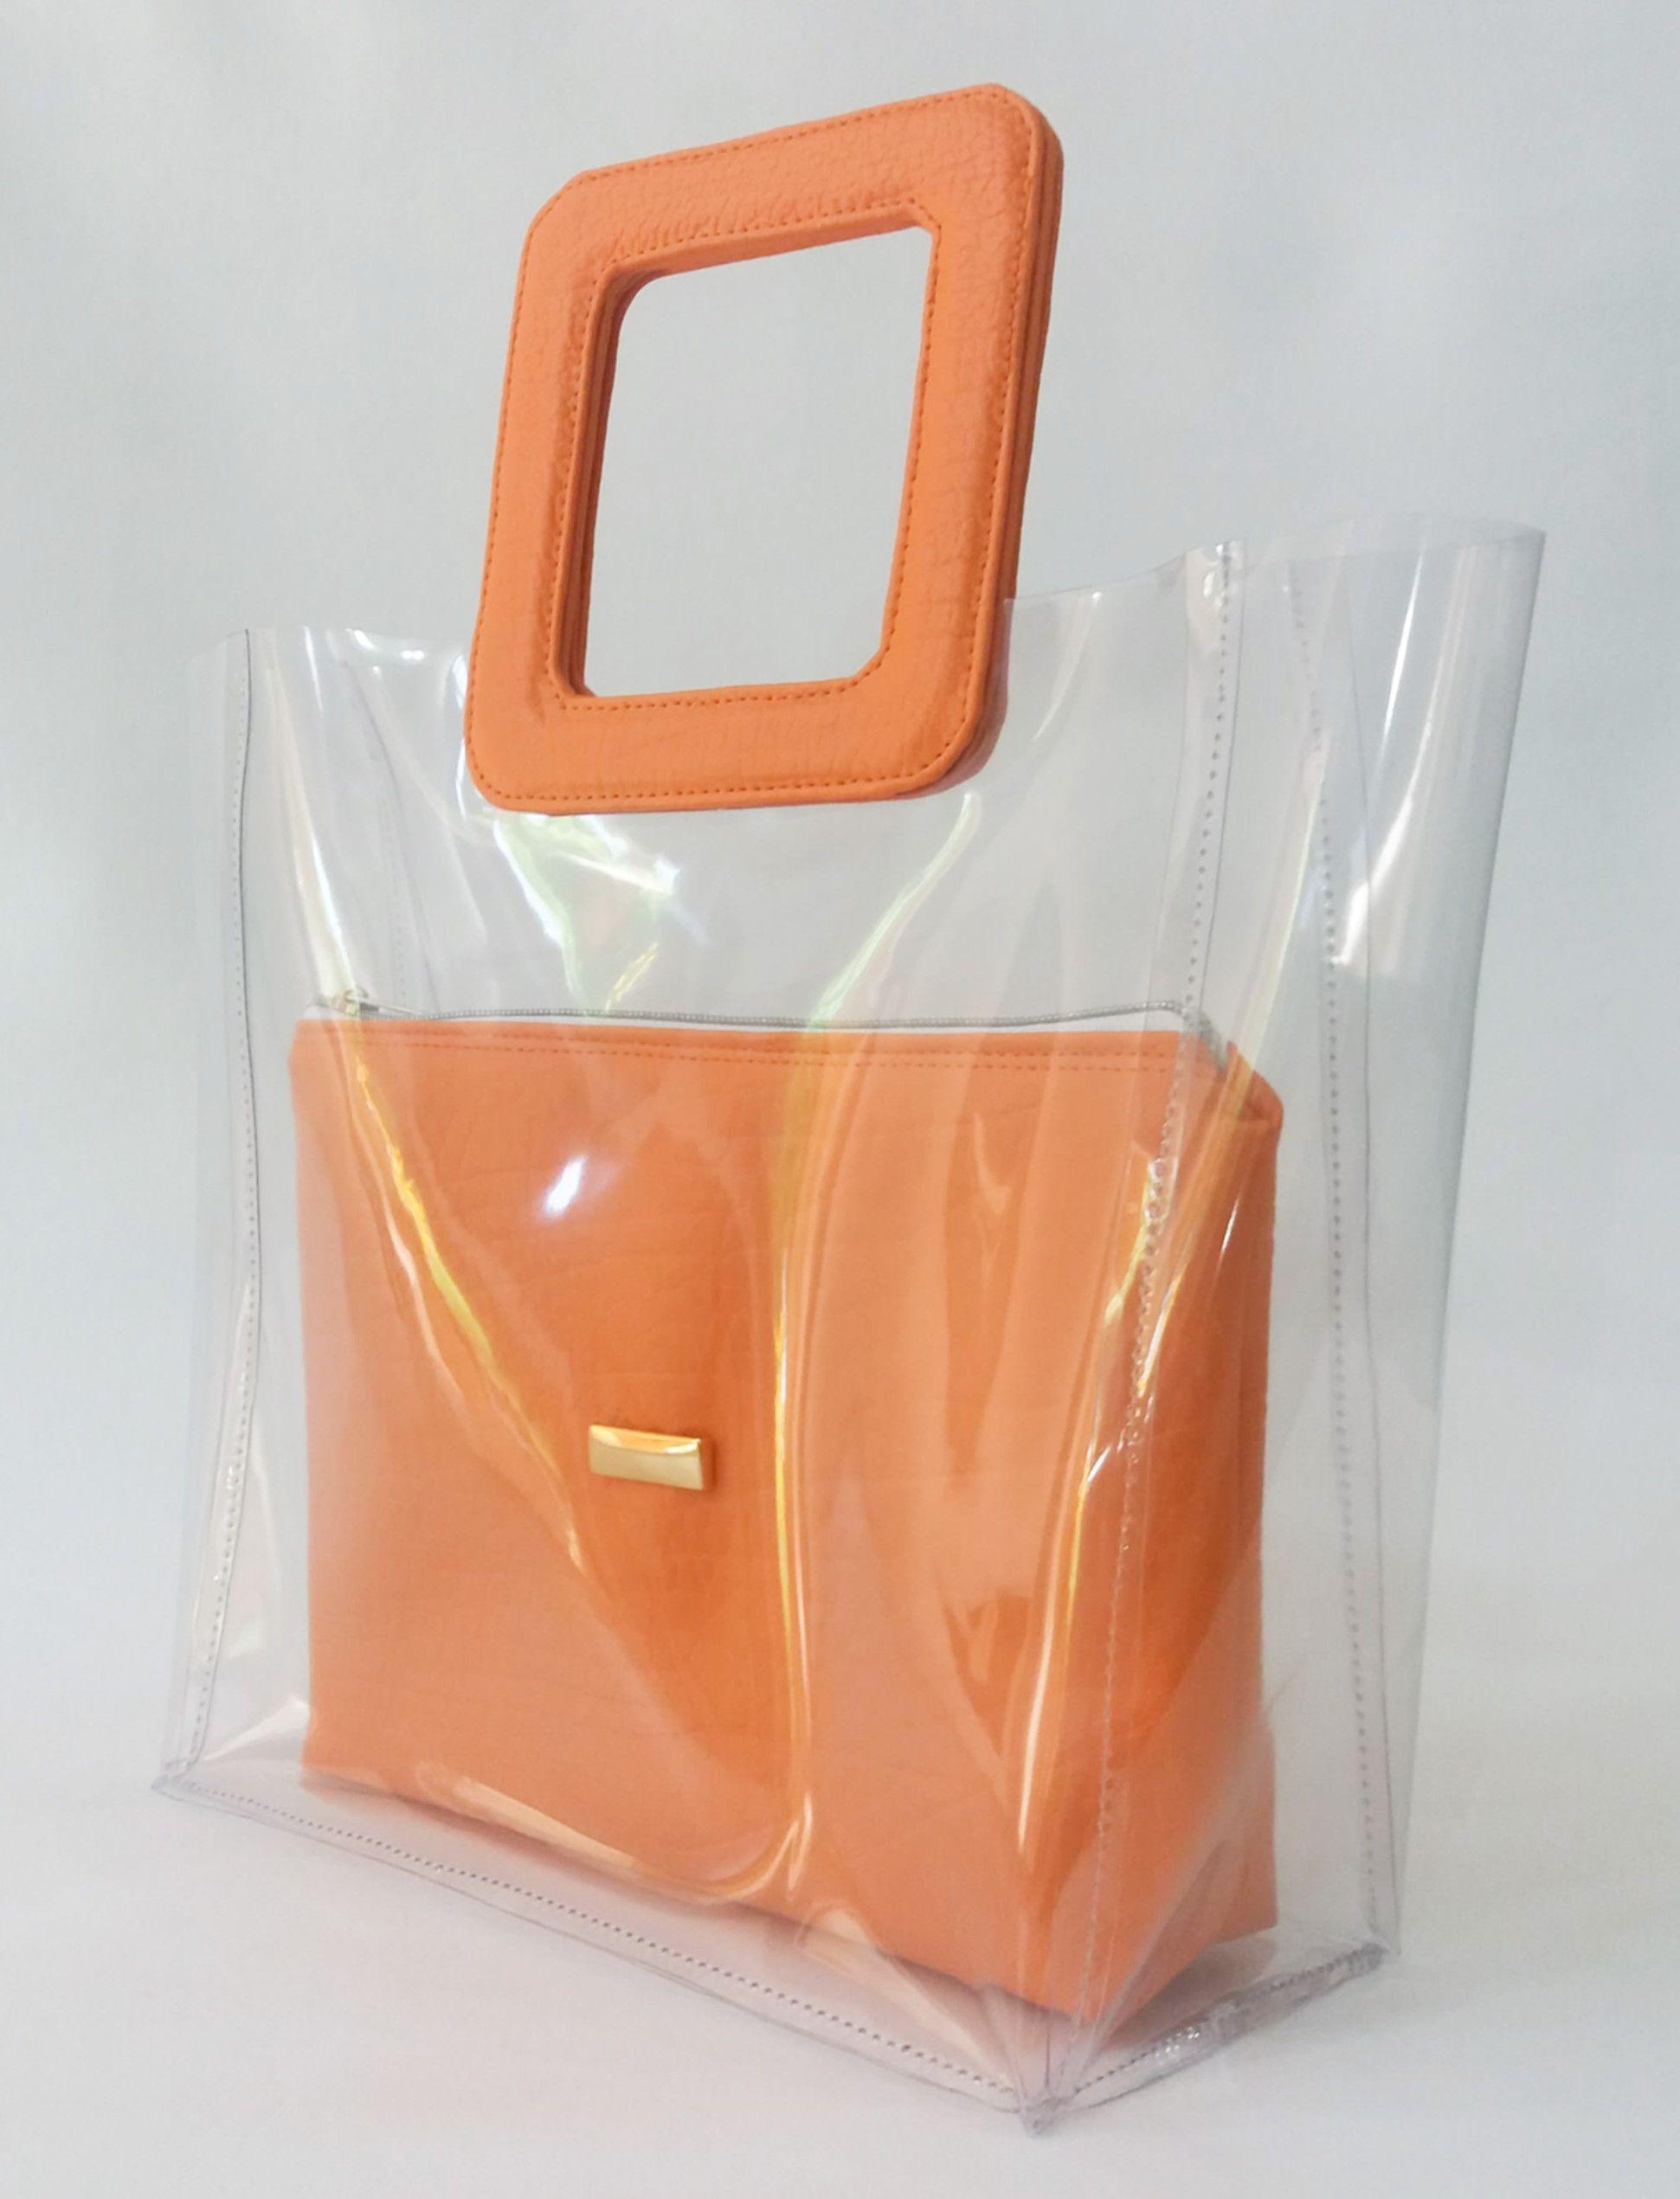 3228fc0f9 Bolsa transparente Bolsa super elegante